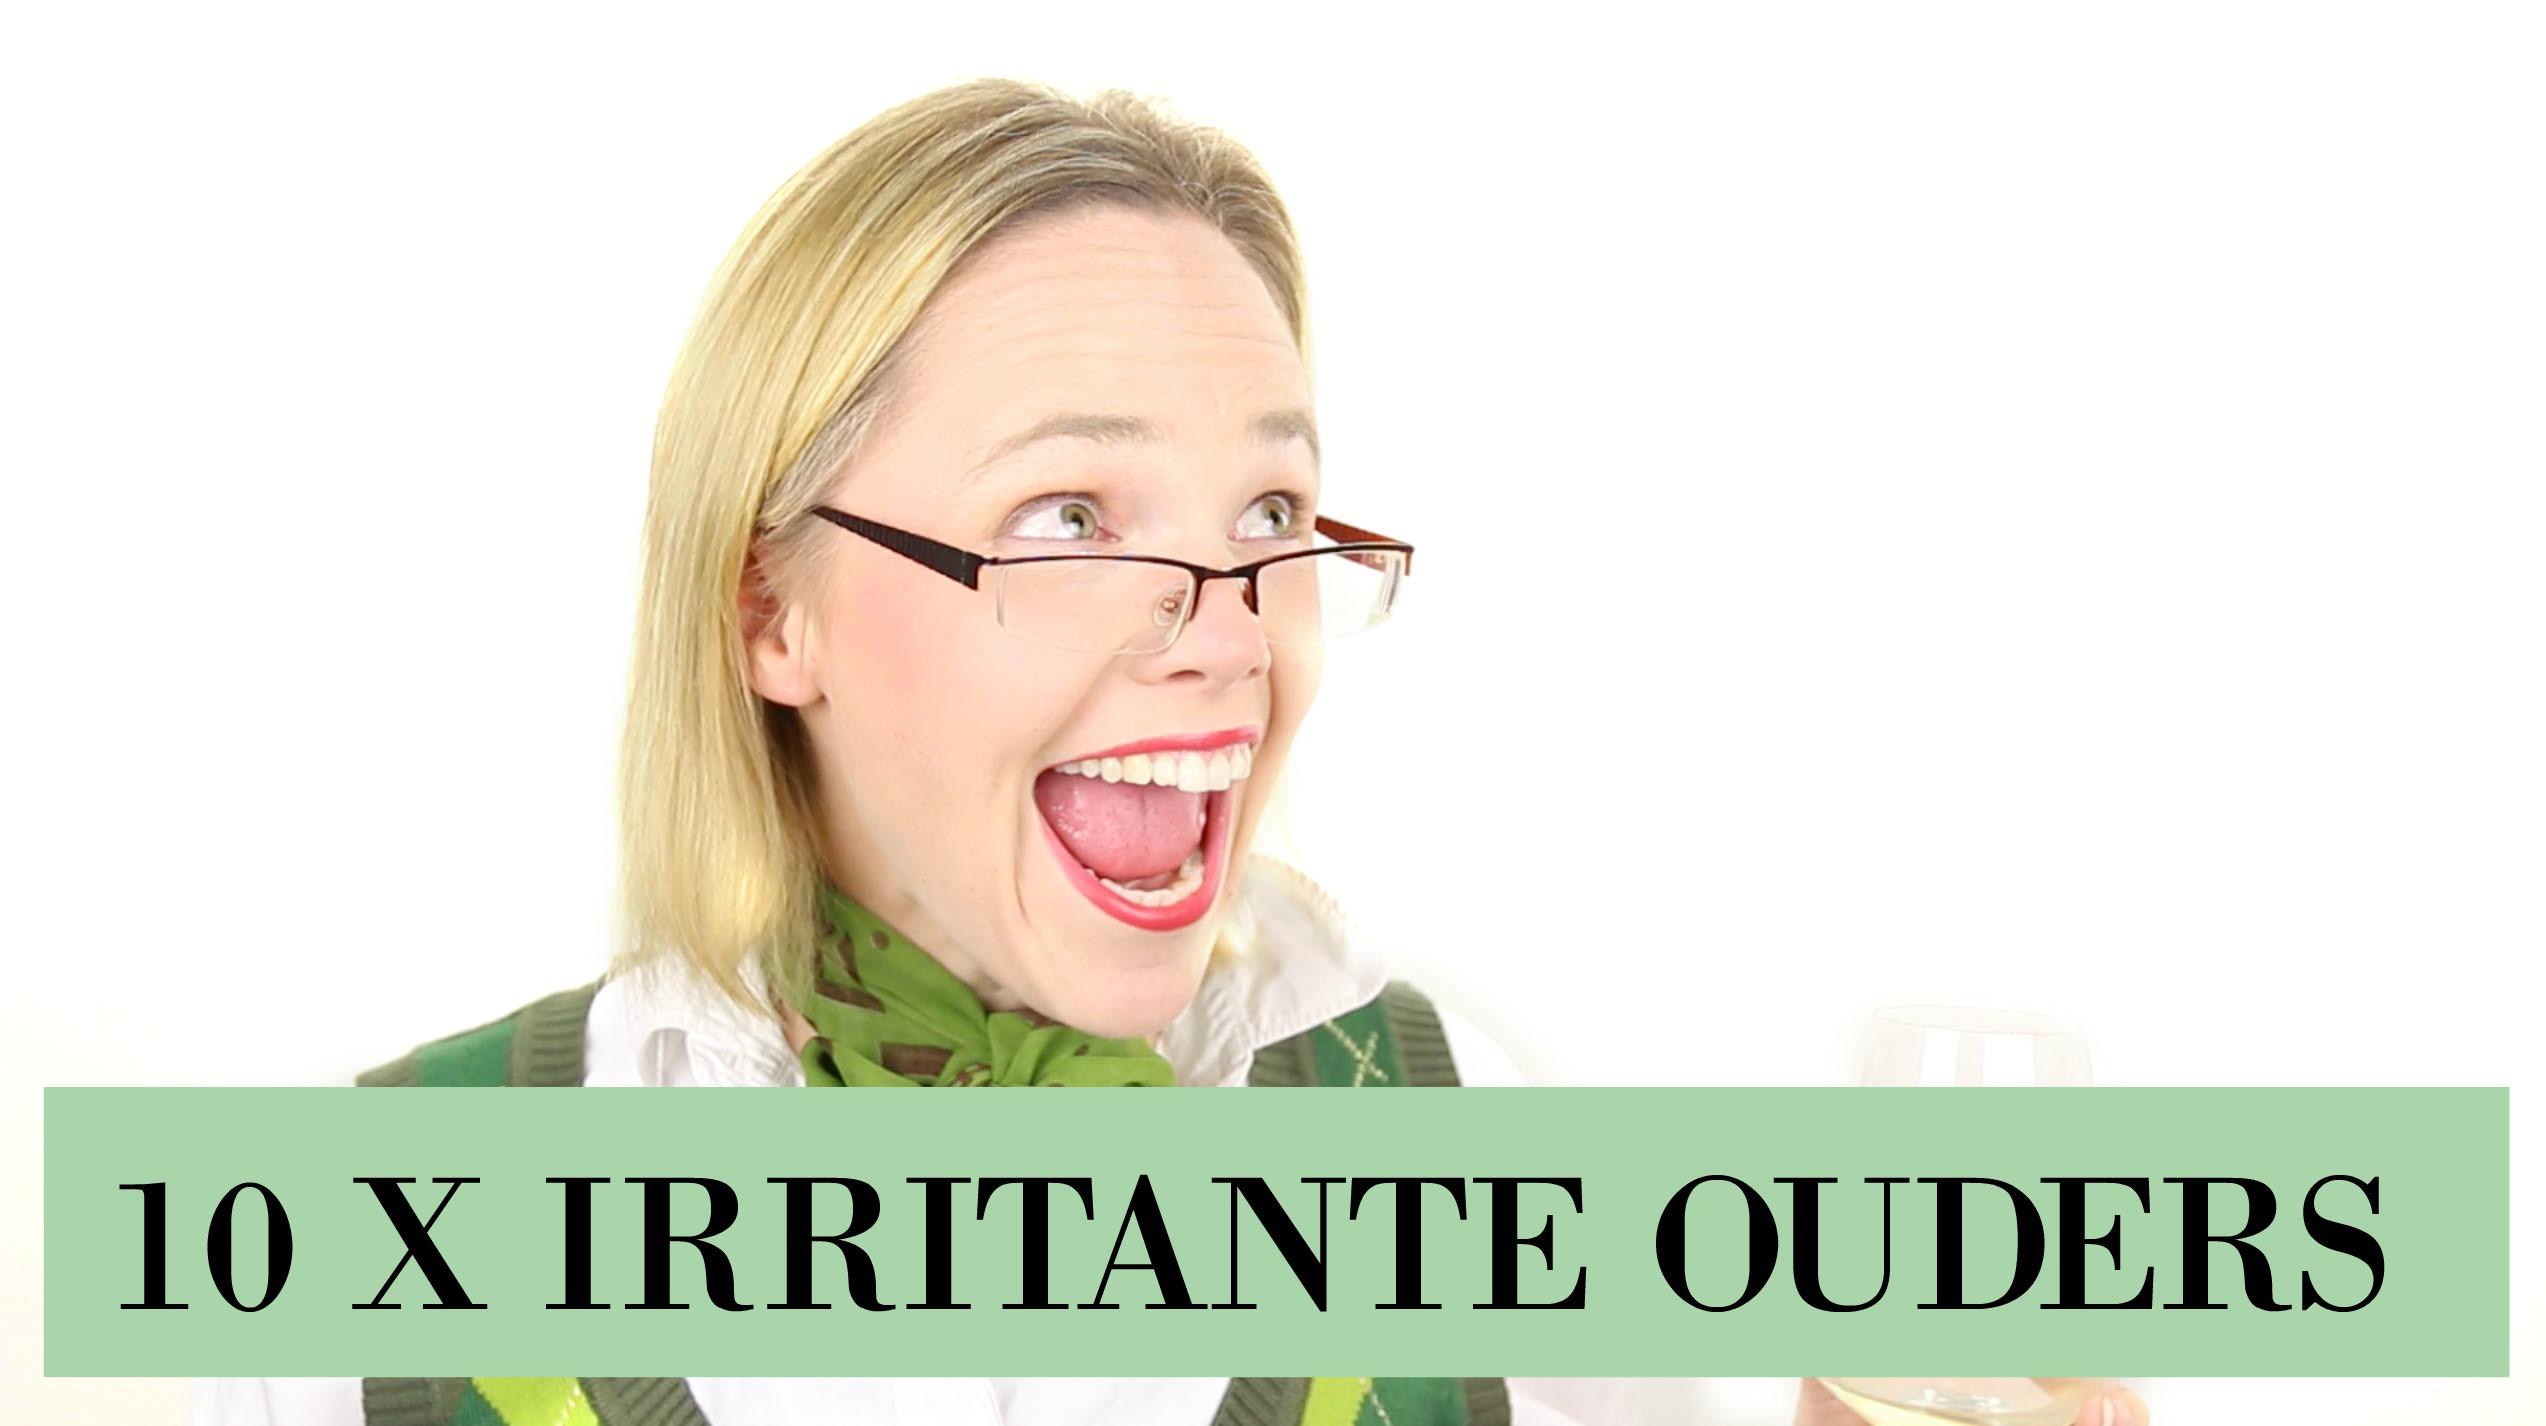 irritante uitspraken van ouders